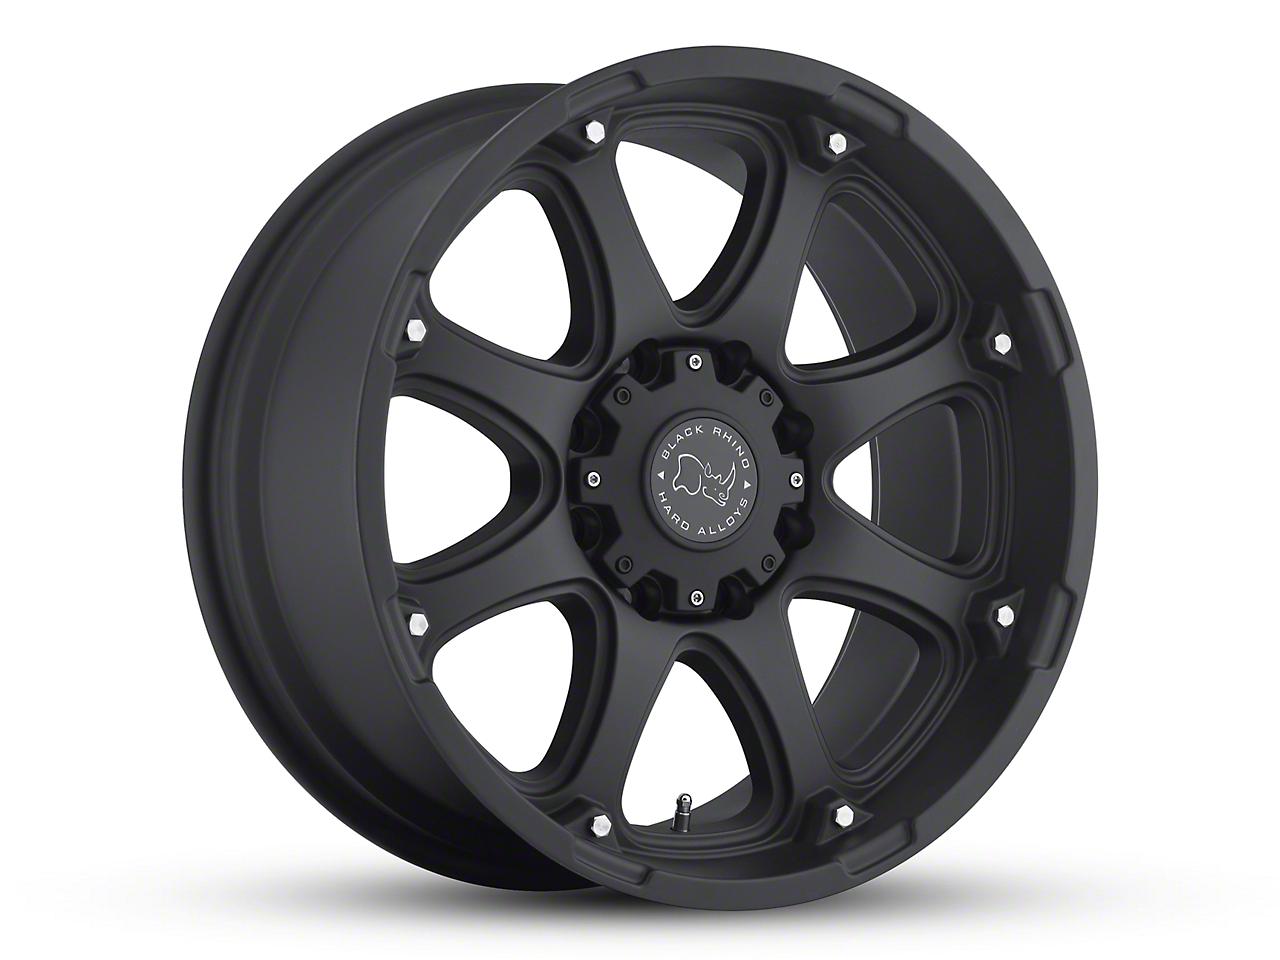 Black Rhino Glamis Matte Black 6-Lug Wheel - 17x9 (99-18 Silverado 1500)